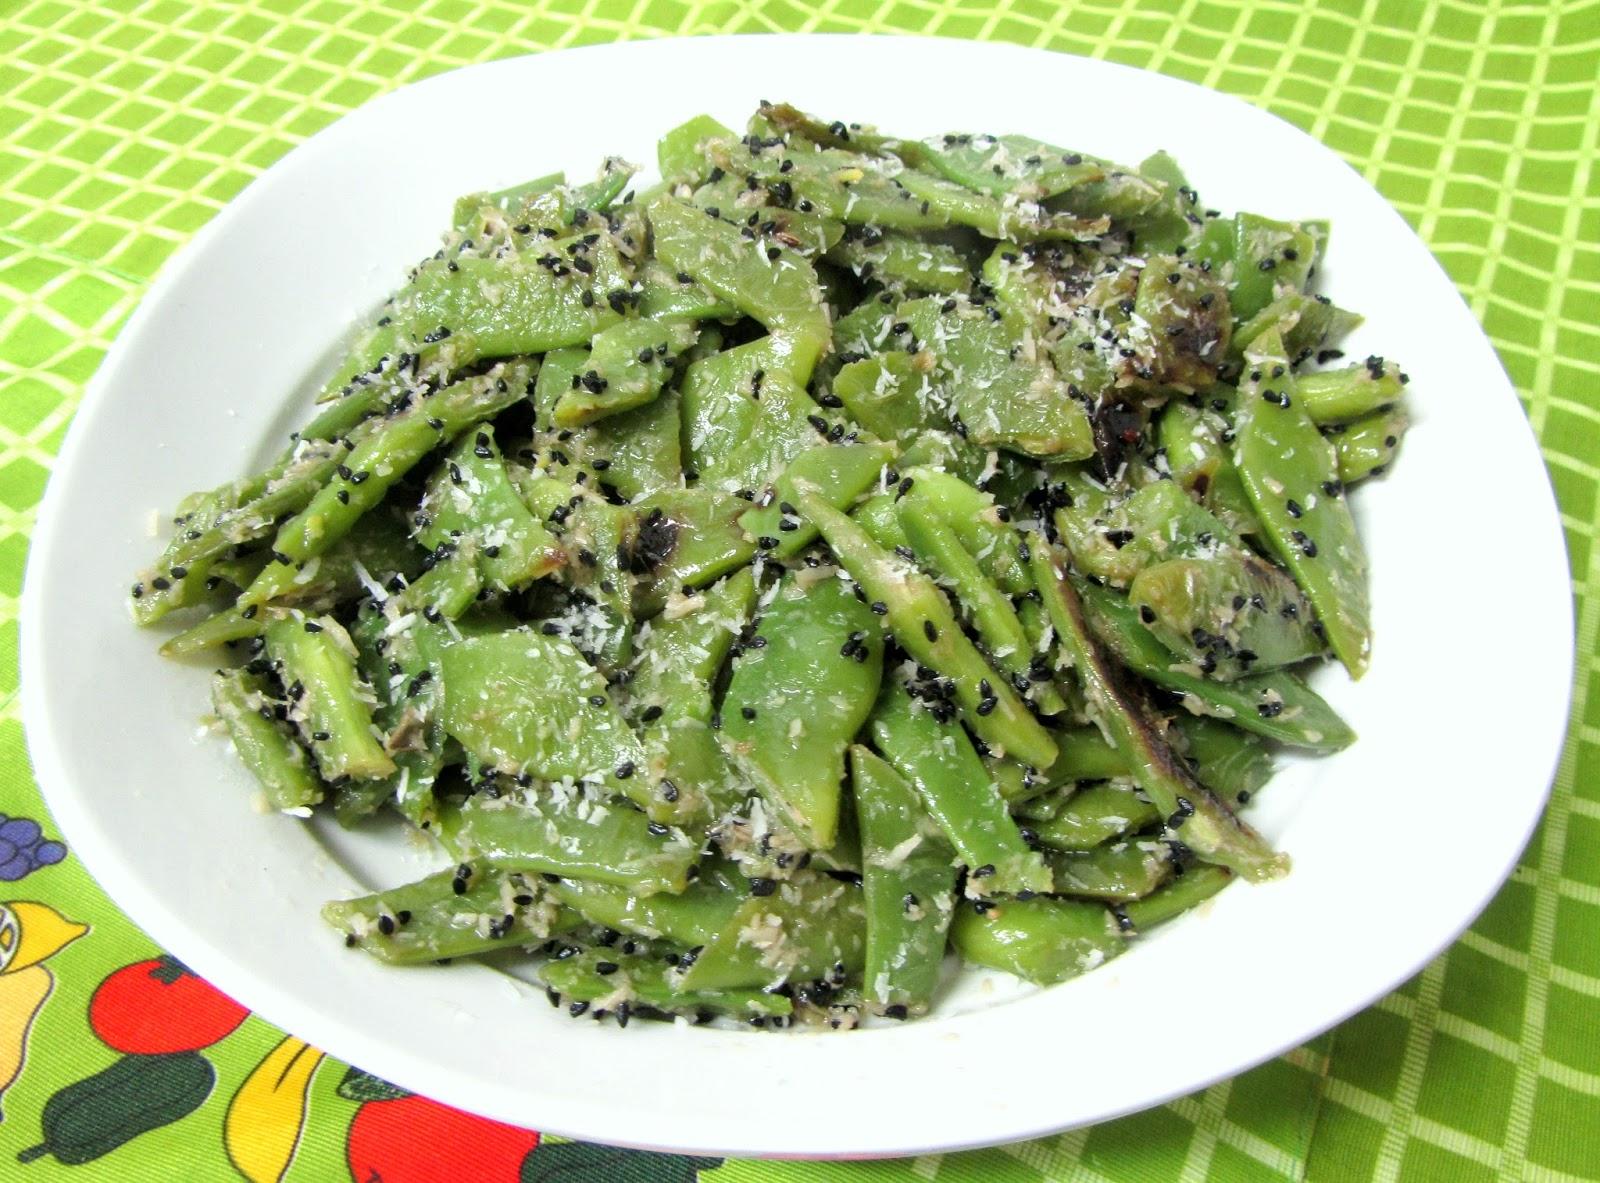 Cocina con luz verde jud as verdes con semillas de cebolla y coco cena hind - Tiempo coccion judias verdes ...